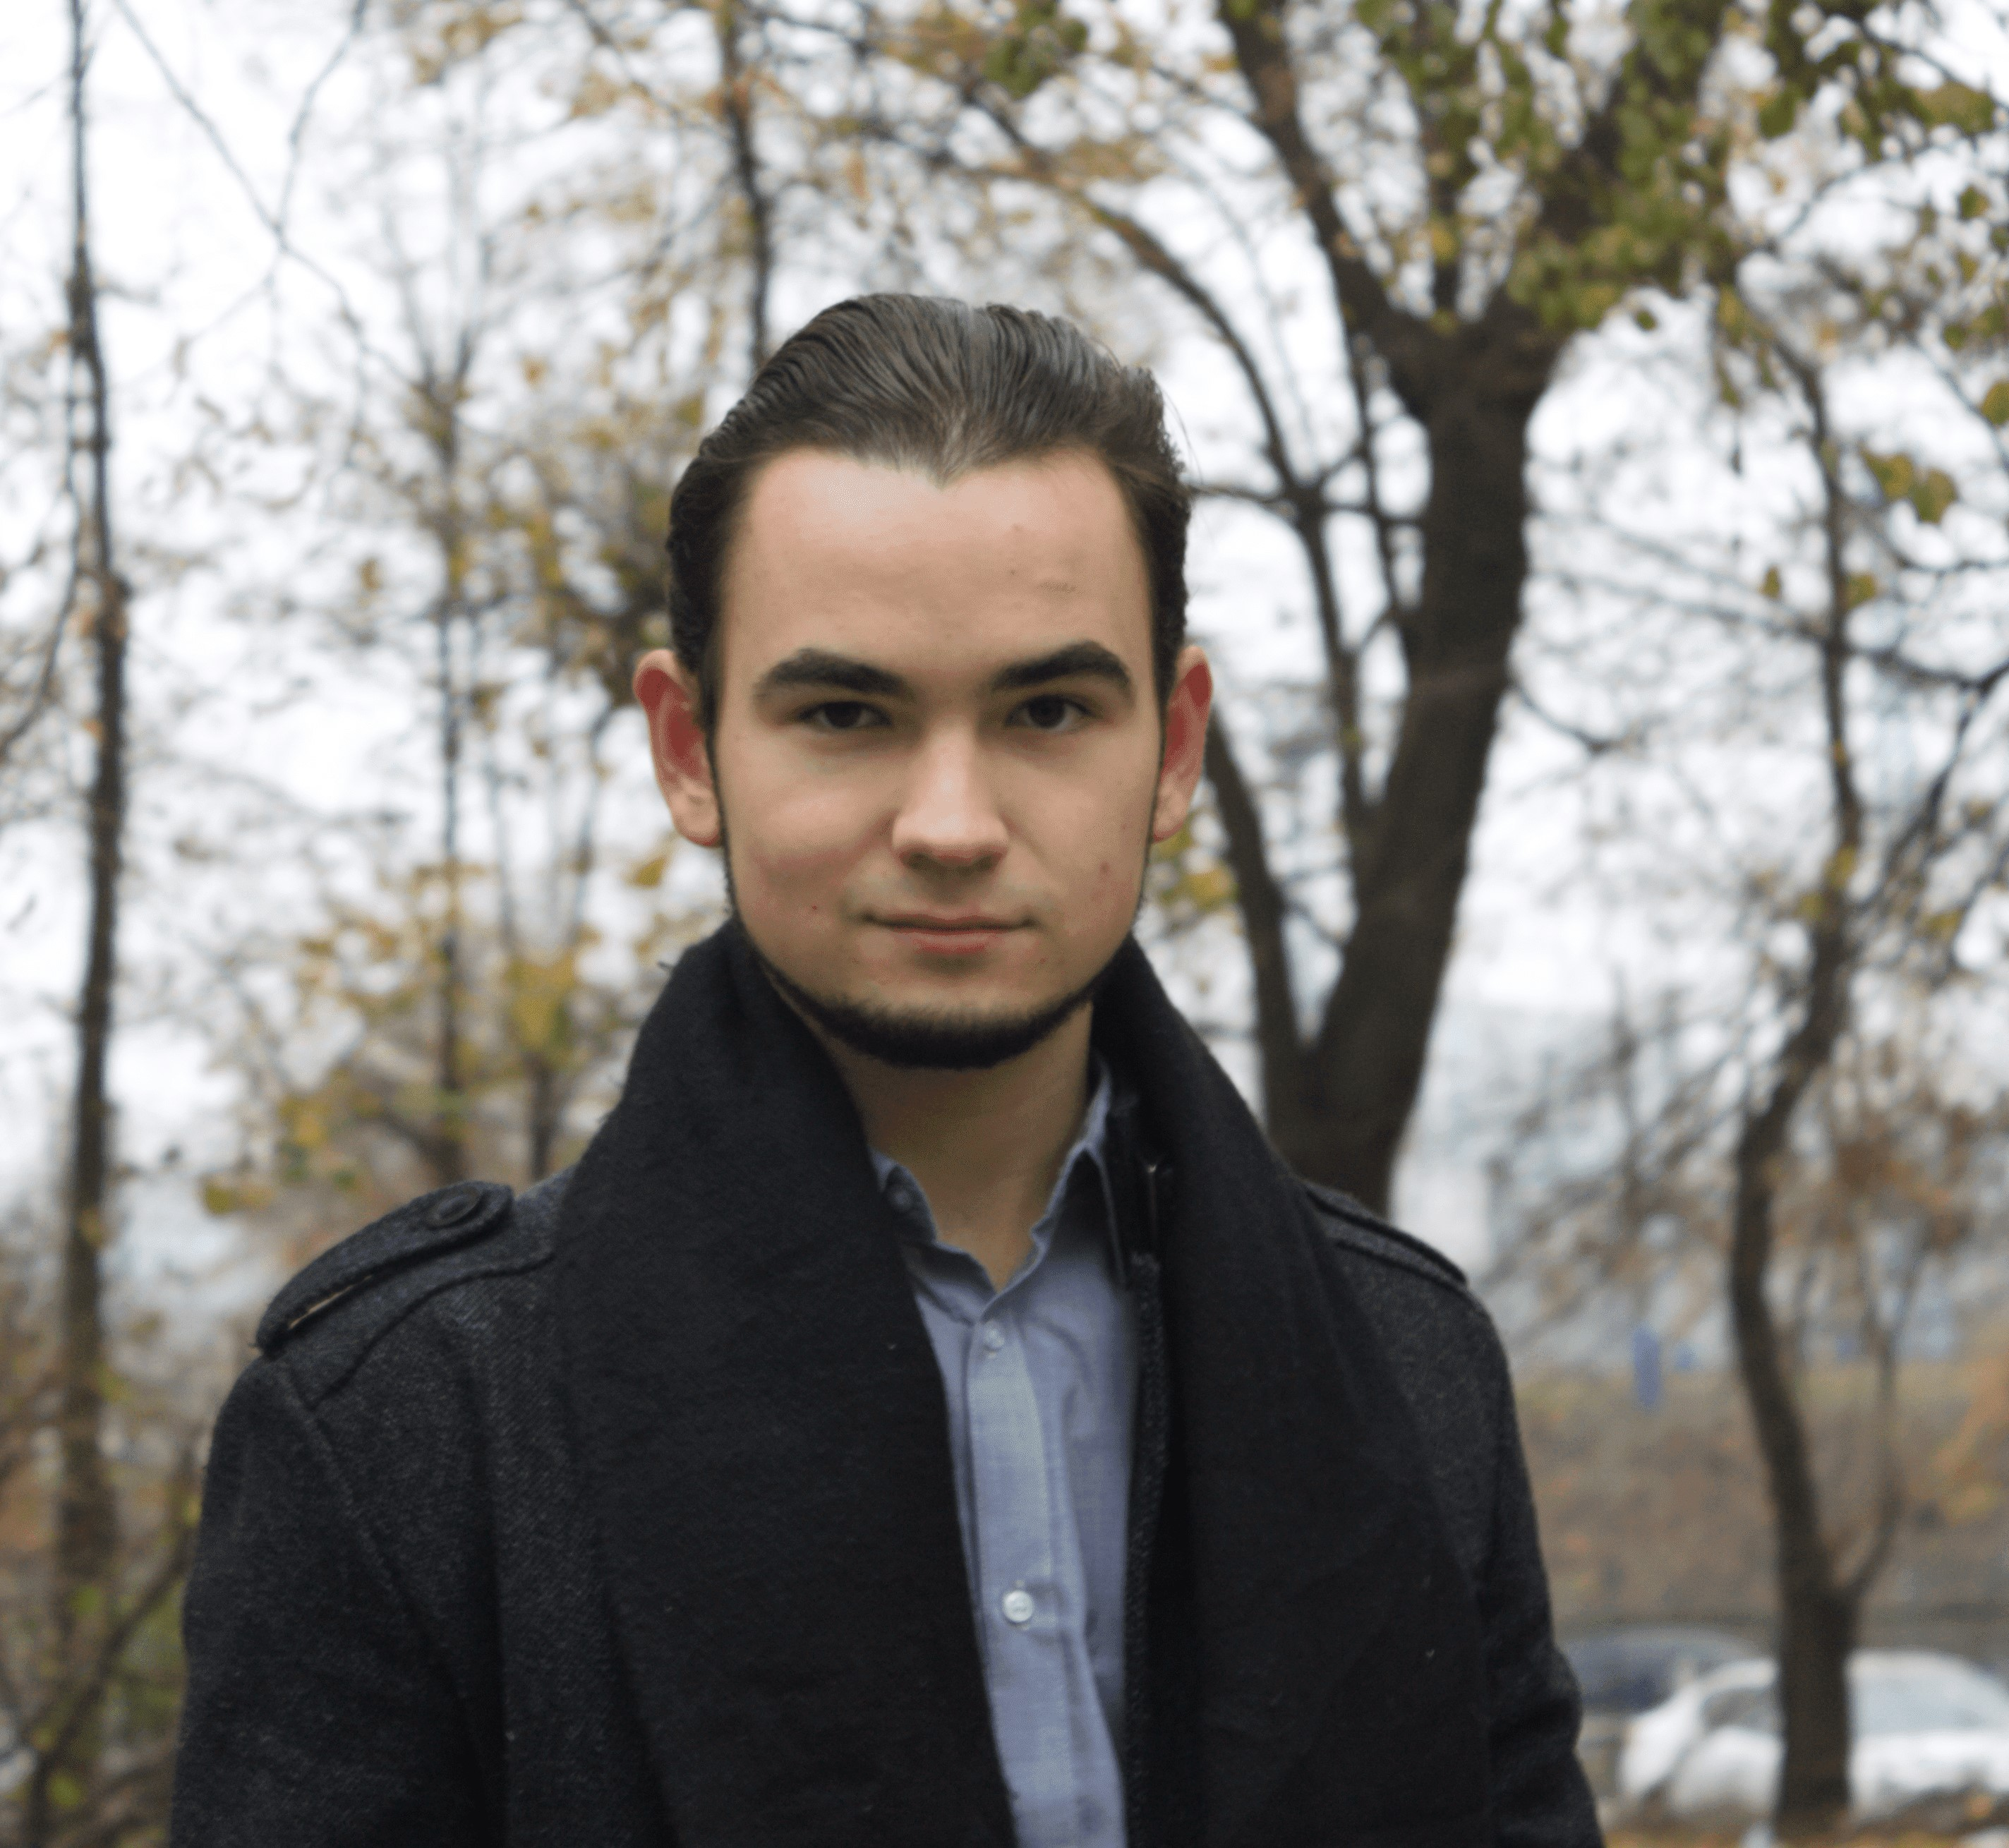 Команда украинских студентов-физиков стала третьей на Международной олимпиаде (ФОТО) 1